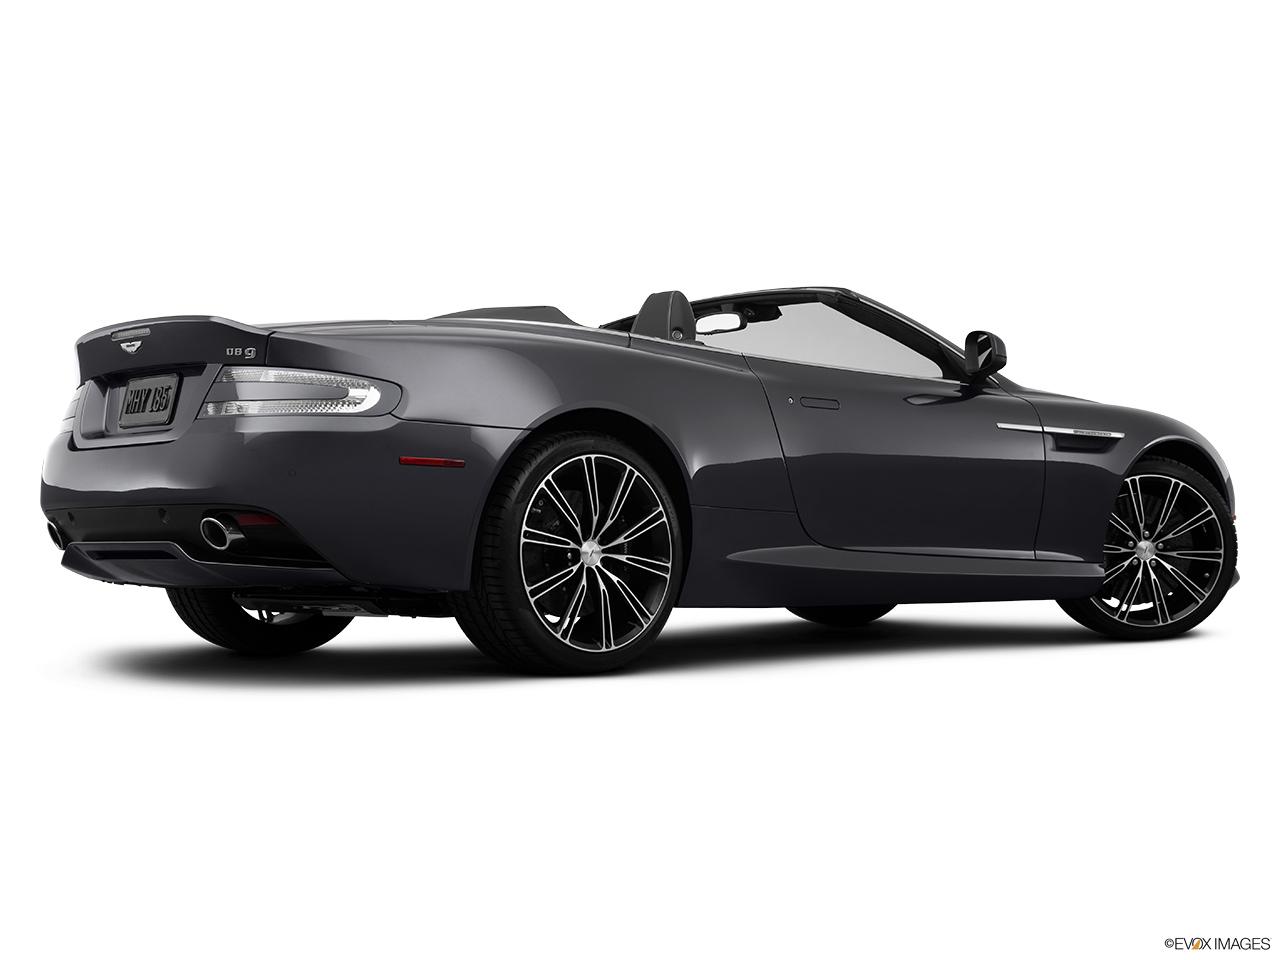 2014 Aston Martin Db9 Volante Automatic Low Wide Rear 5 8